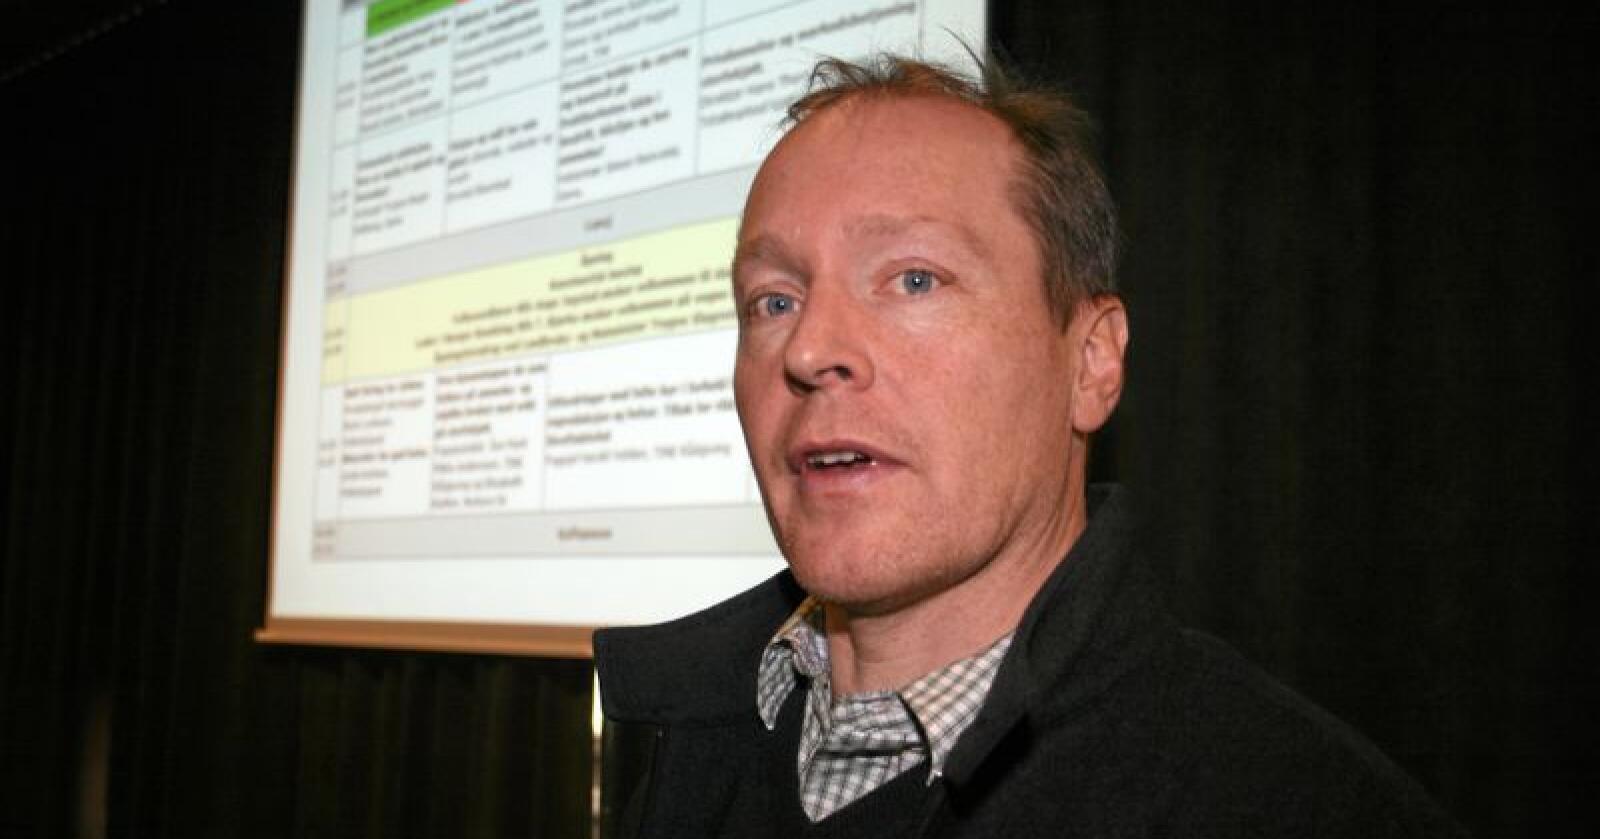 Importkvotar: Landbruksanalytikar Christian Anton Smedshaug i Agri Analyse seier kvoteimporten gir tapt verdiskaping, færre arbeidsplassar og redusert sjølvforsyning. Foto: Bjarne Bekkeheien Aase